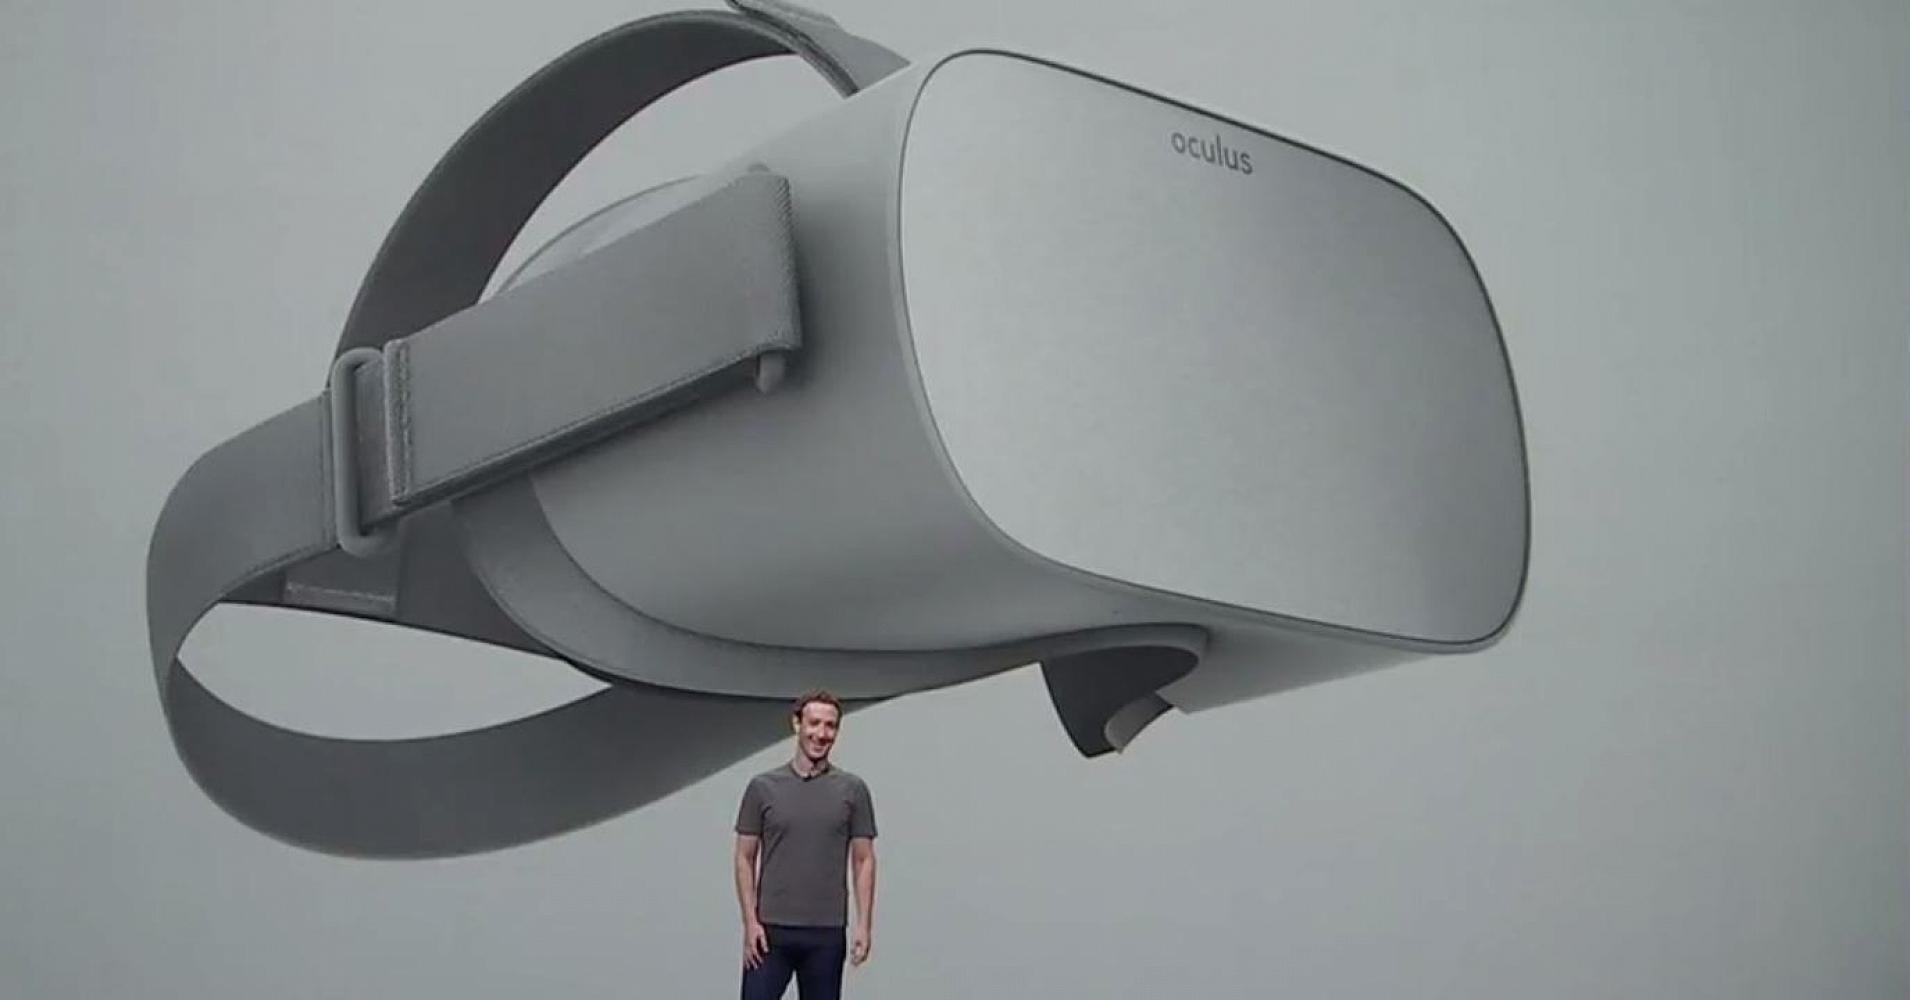 Цукерберг представил первый VR-шлем от Oculus, не требующий проводов или ПК